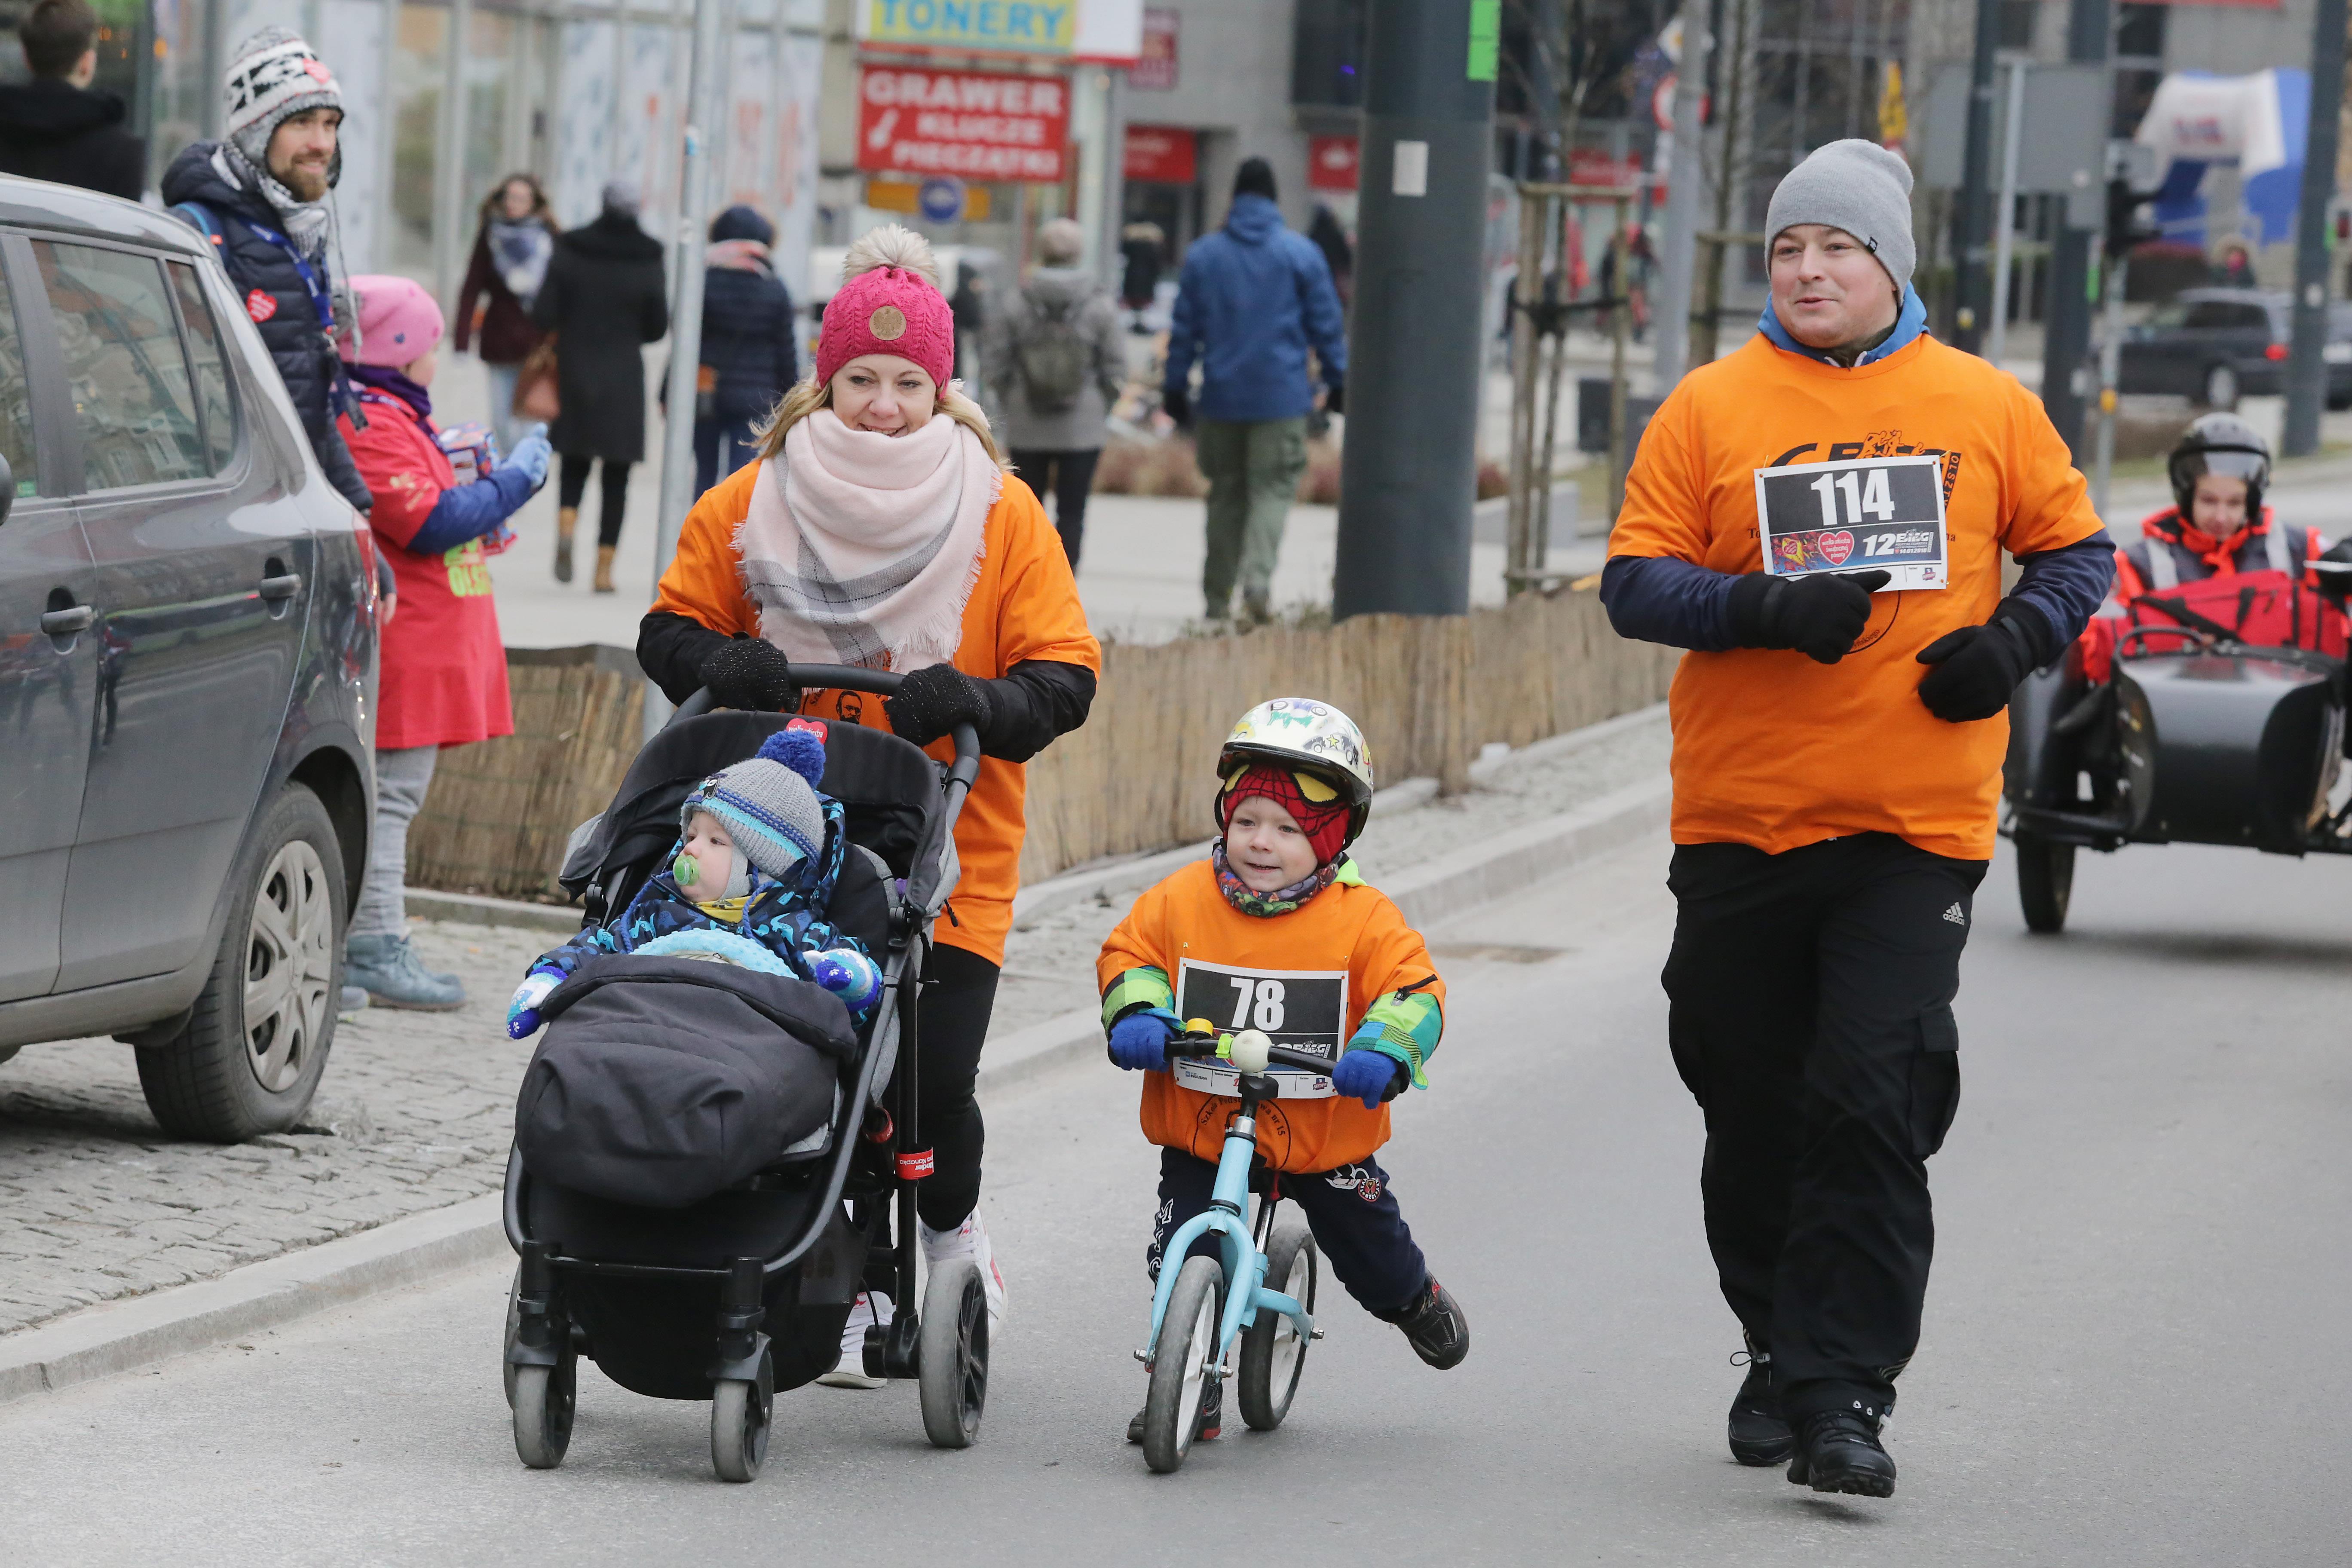 WOŚP 2018  Olsztyn- Wielka Orkiestra Świątecznej Pomocy po raz kolejny gra w Olsztynie Nz.biegi